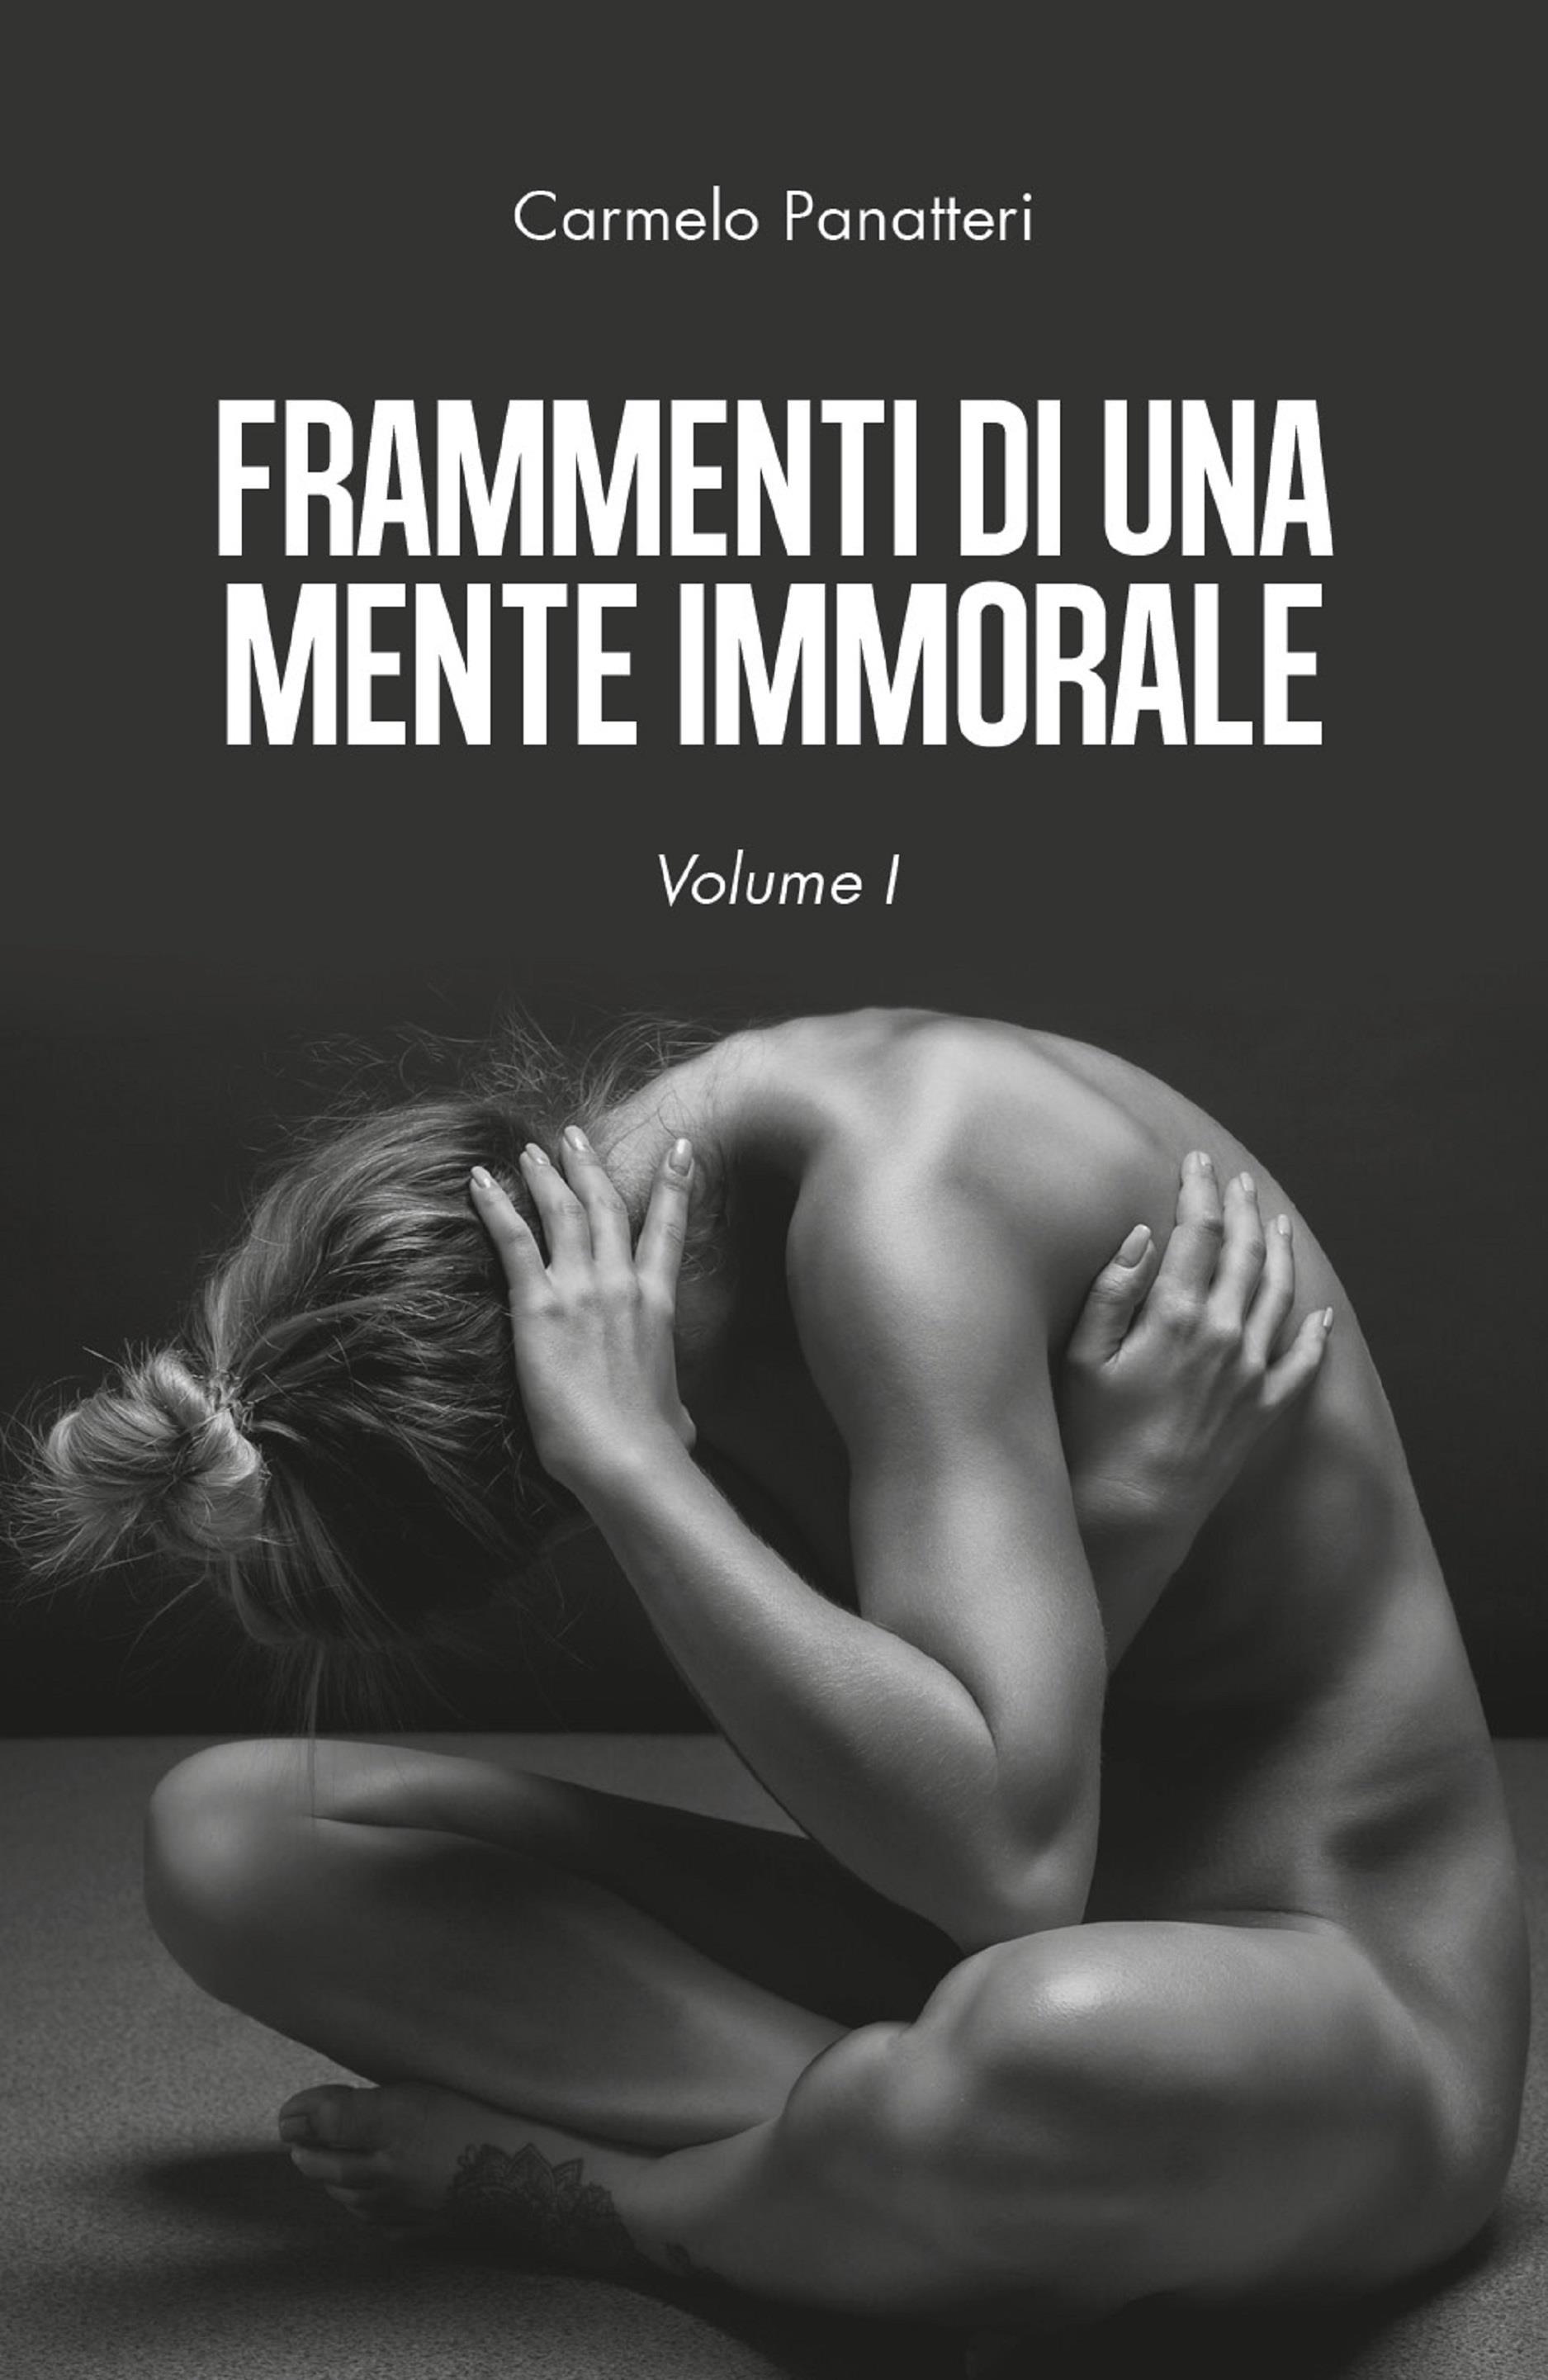 Frammenti di una mente immorale. Volume 1